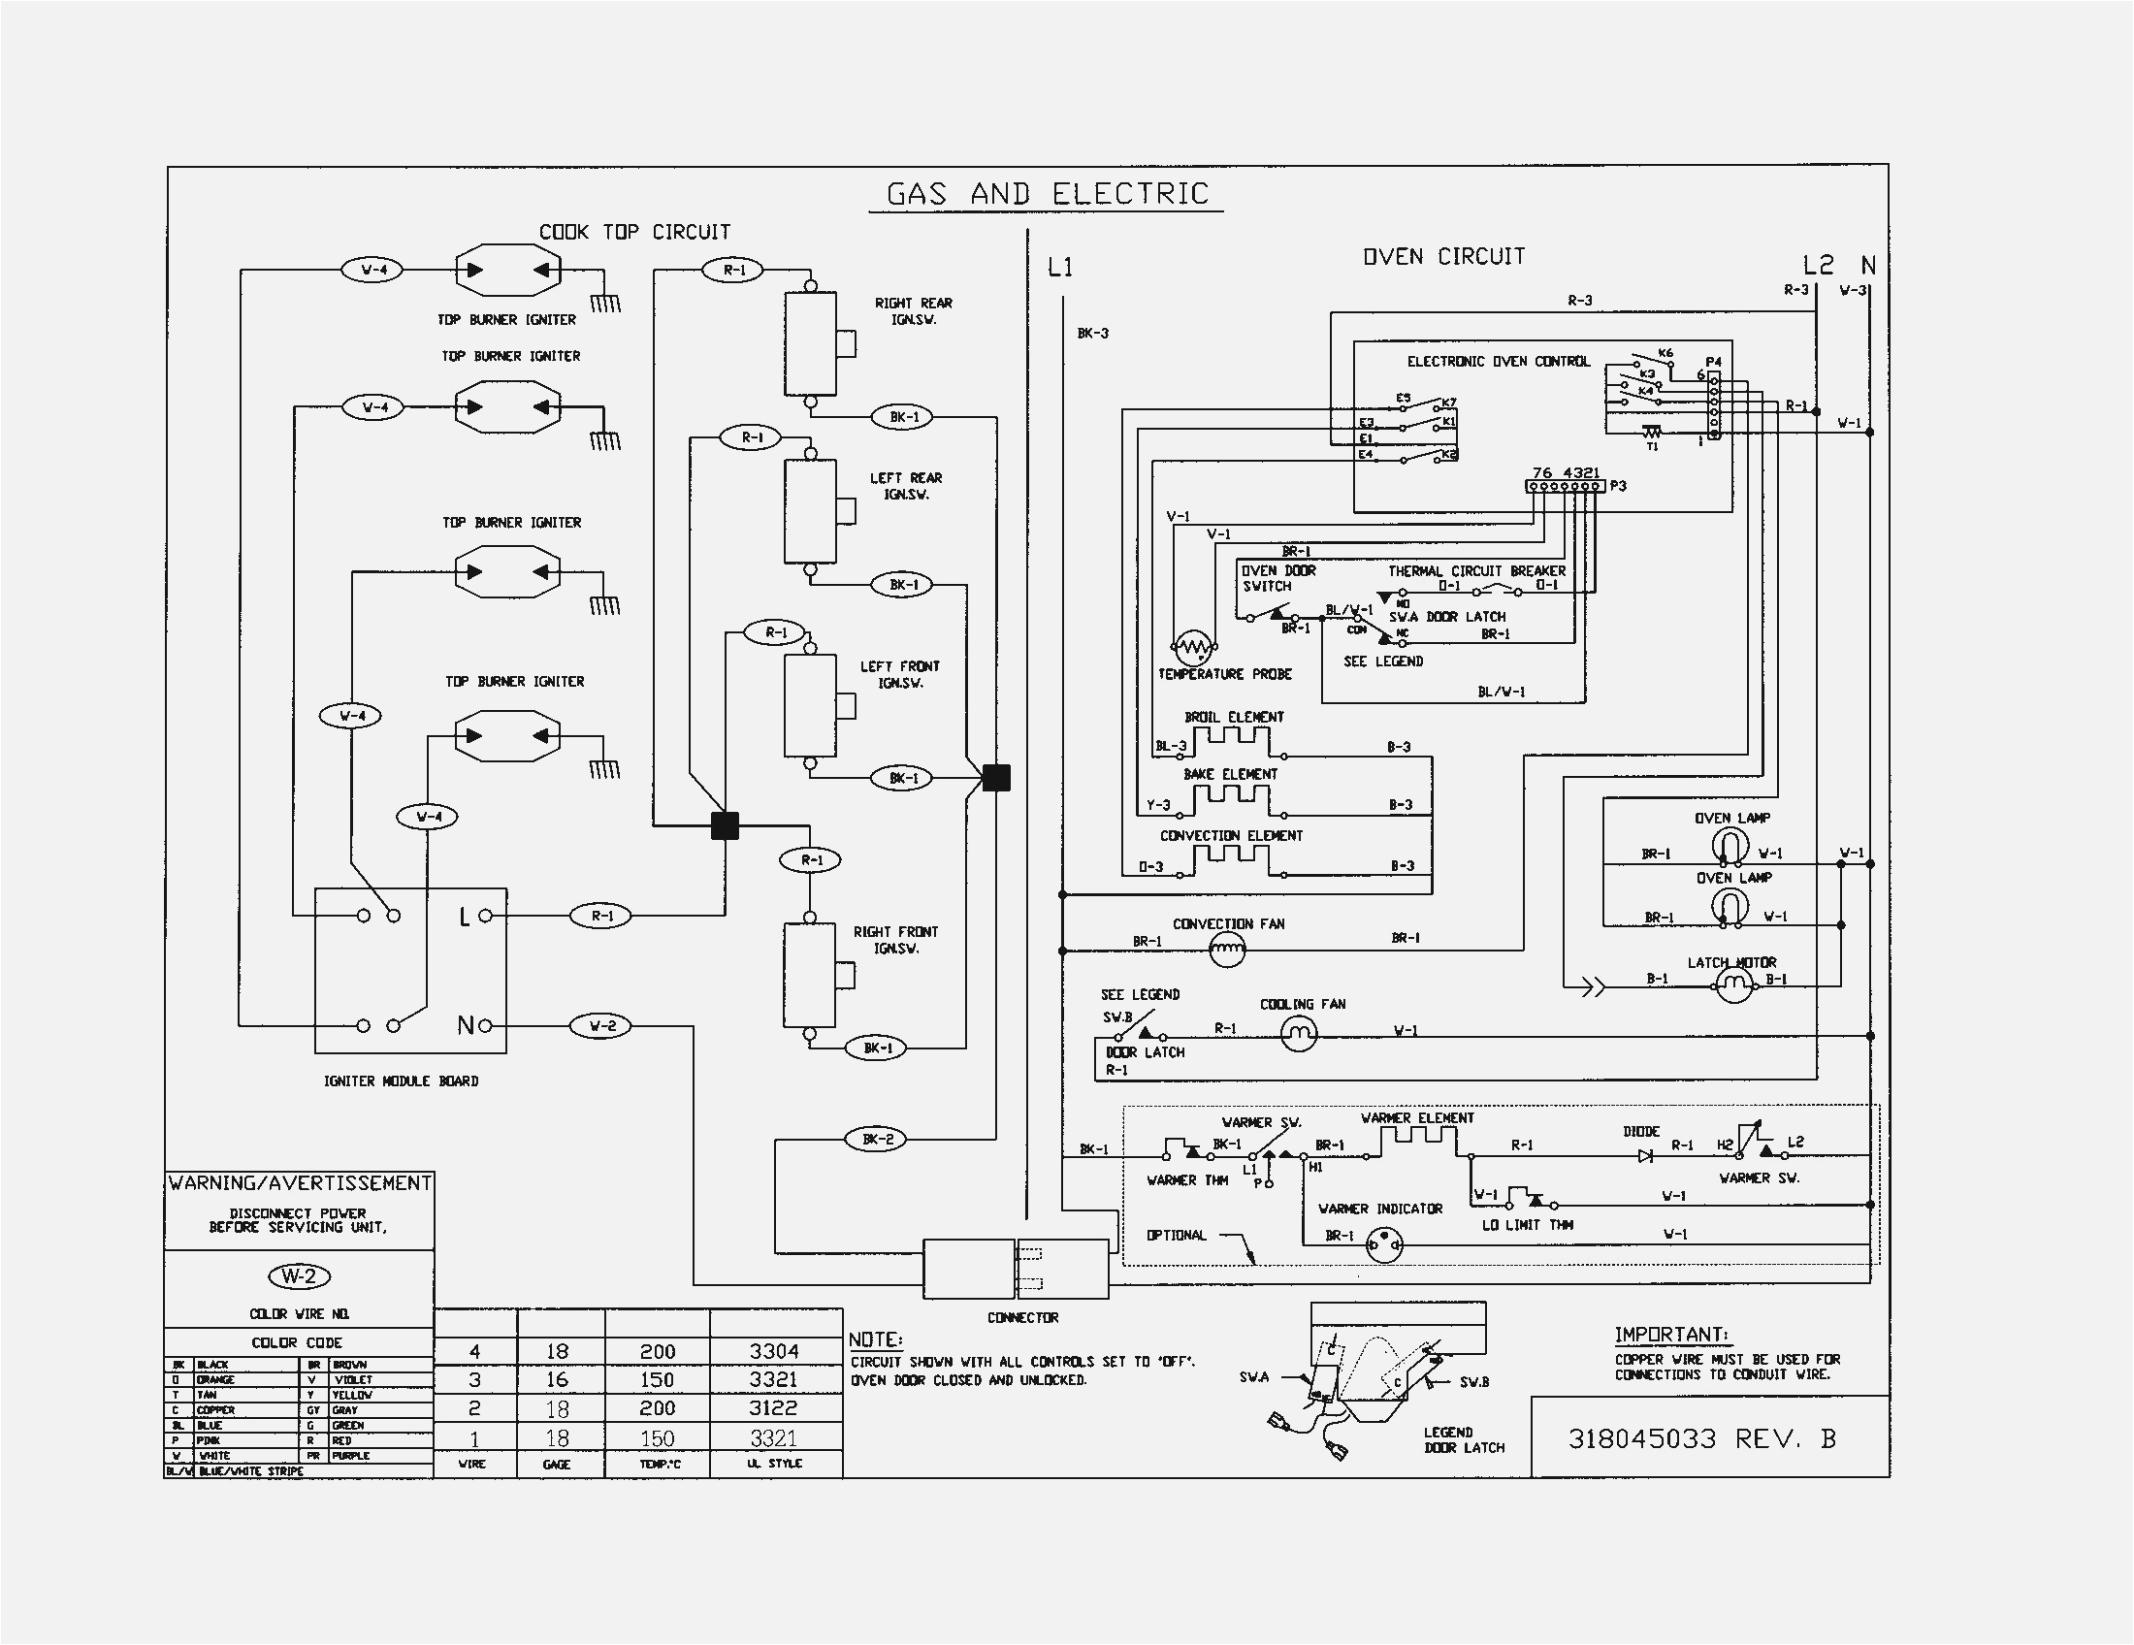 kenmore elite dishwasher wiring diagram wiring diagram paperwiring diagram kenmore dishwasher wiring diagram toolbox kenmore elite